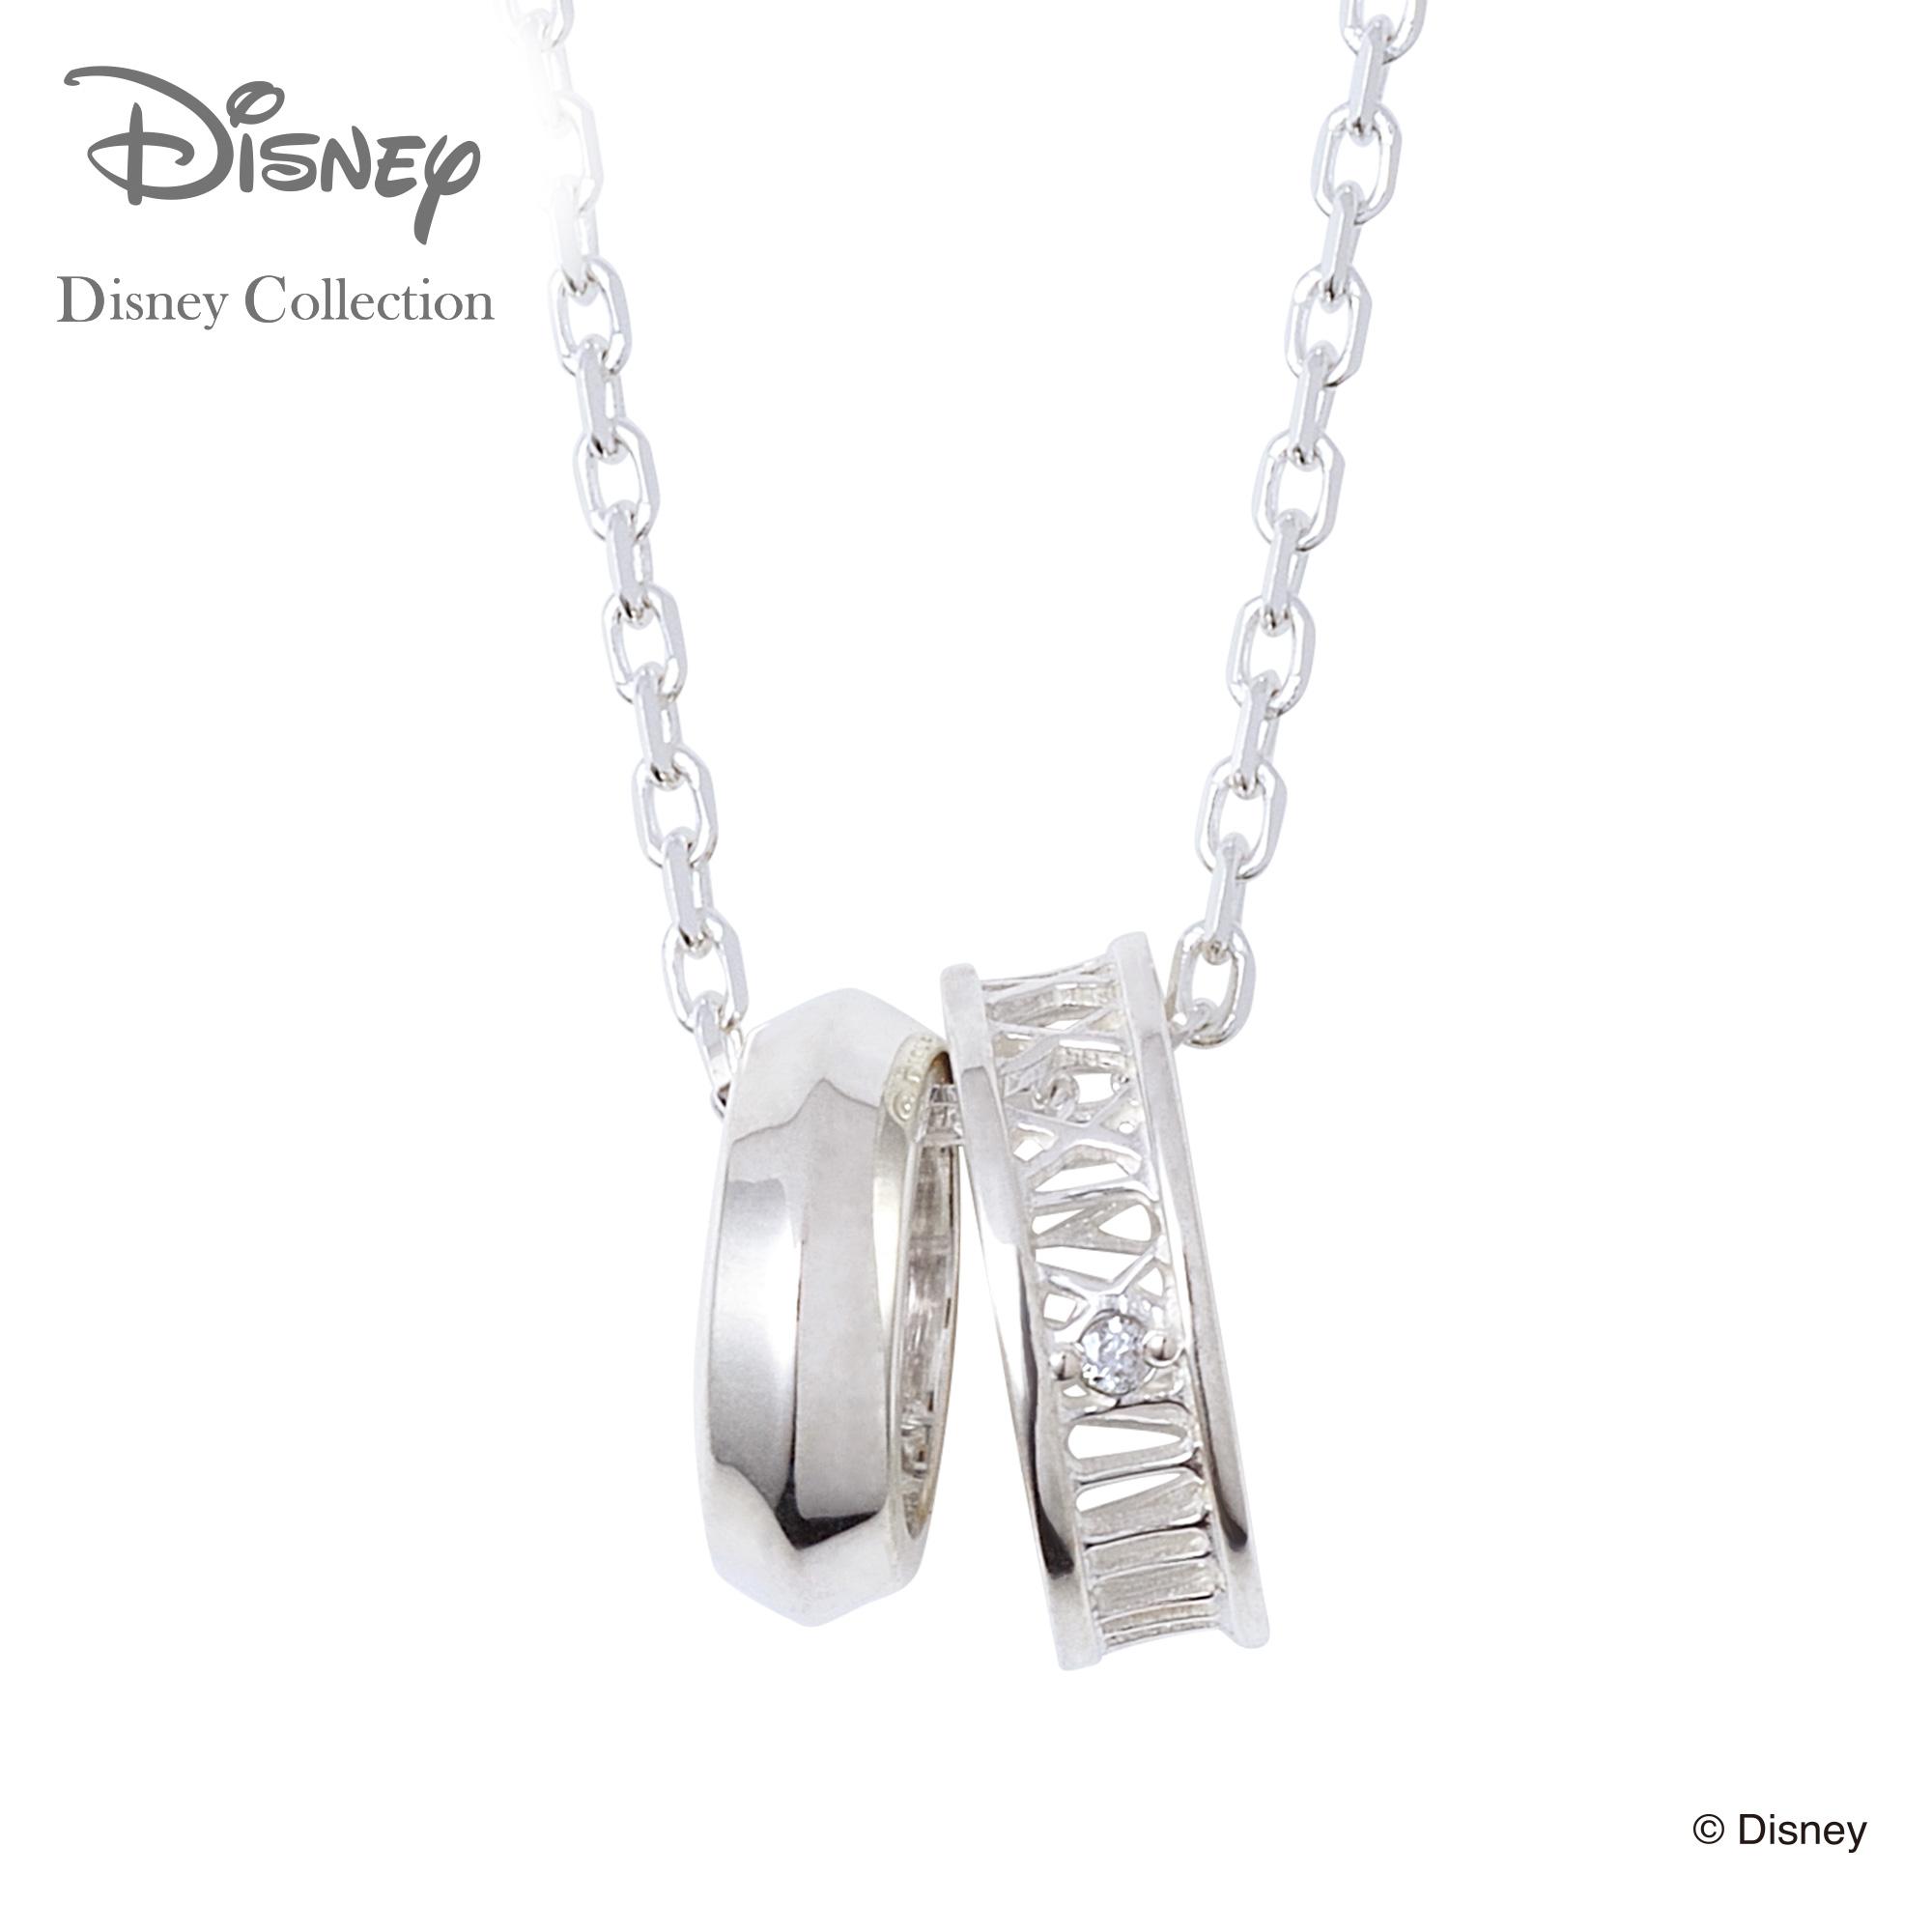 【あす楽対応】【ディズニーコレクション】 ディズニー / ネックレス / ディズニープリンセス シンデレラ / THE KISS ペア ネックレス・ペンダント シルバー (メンズ 単品) DI-SN716DM ザキス 【送料無料】